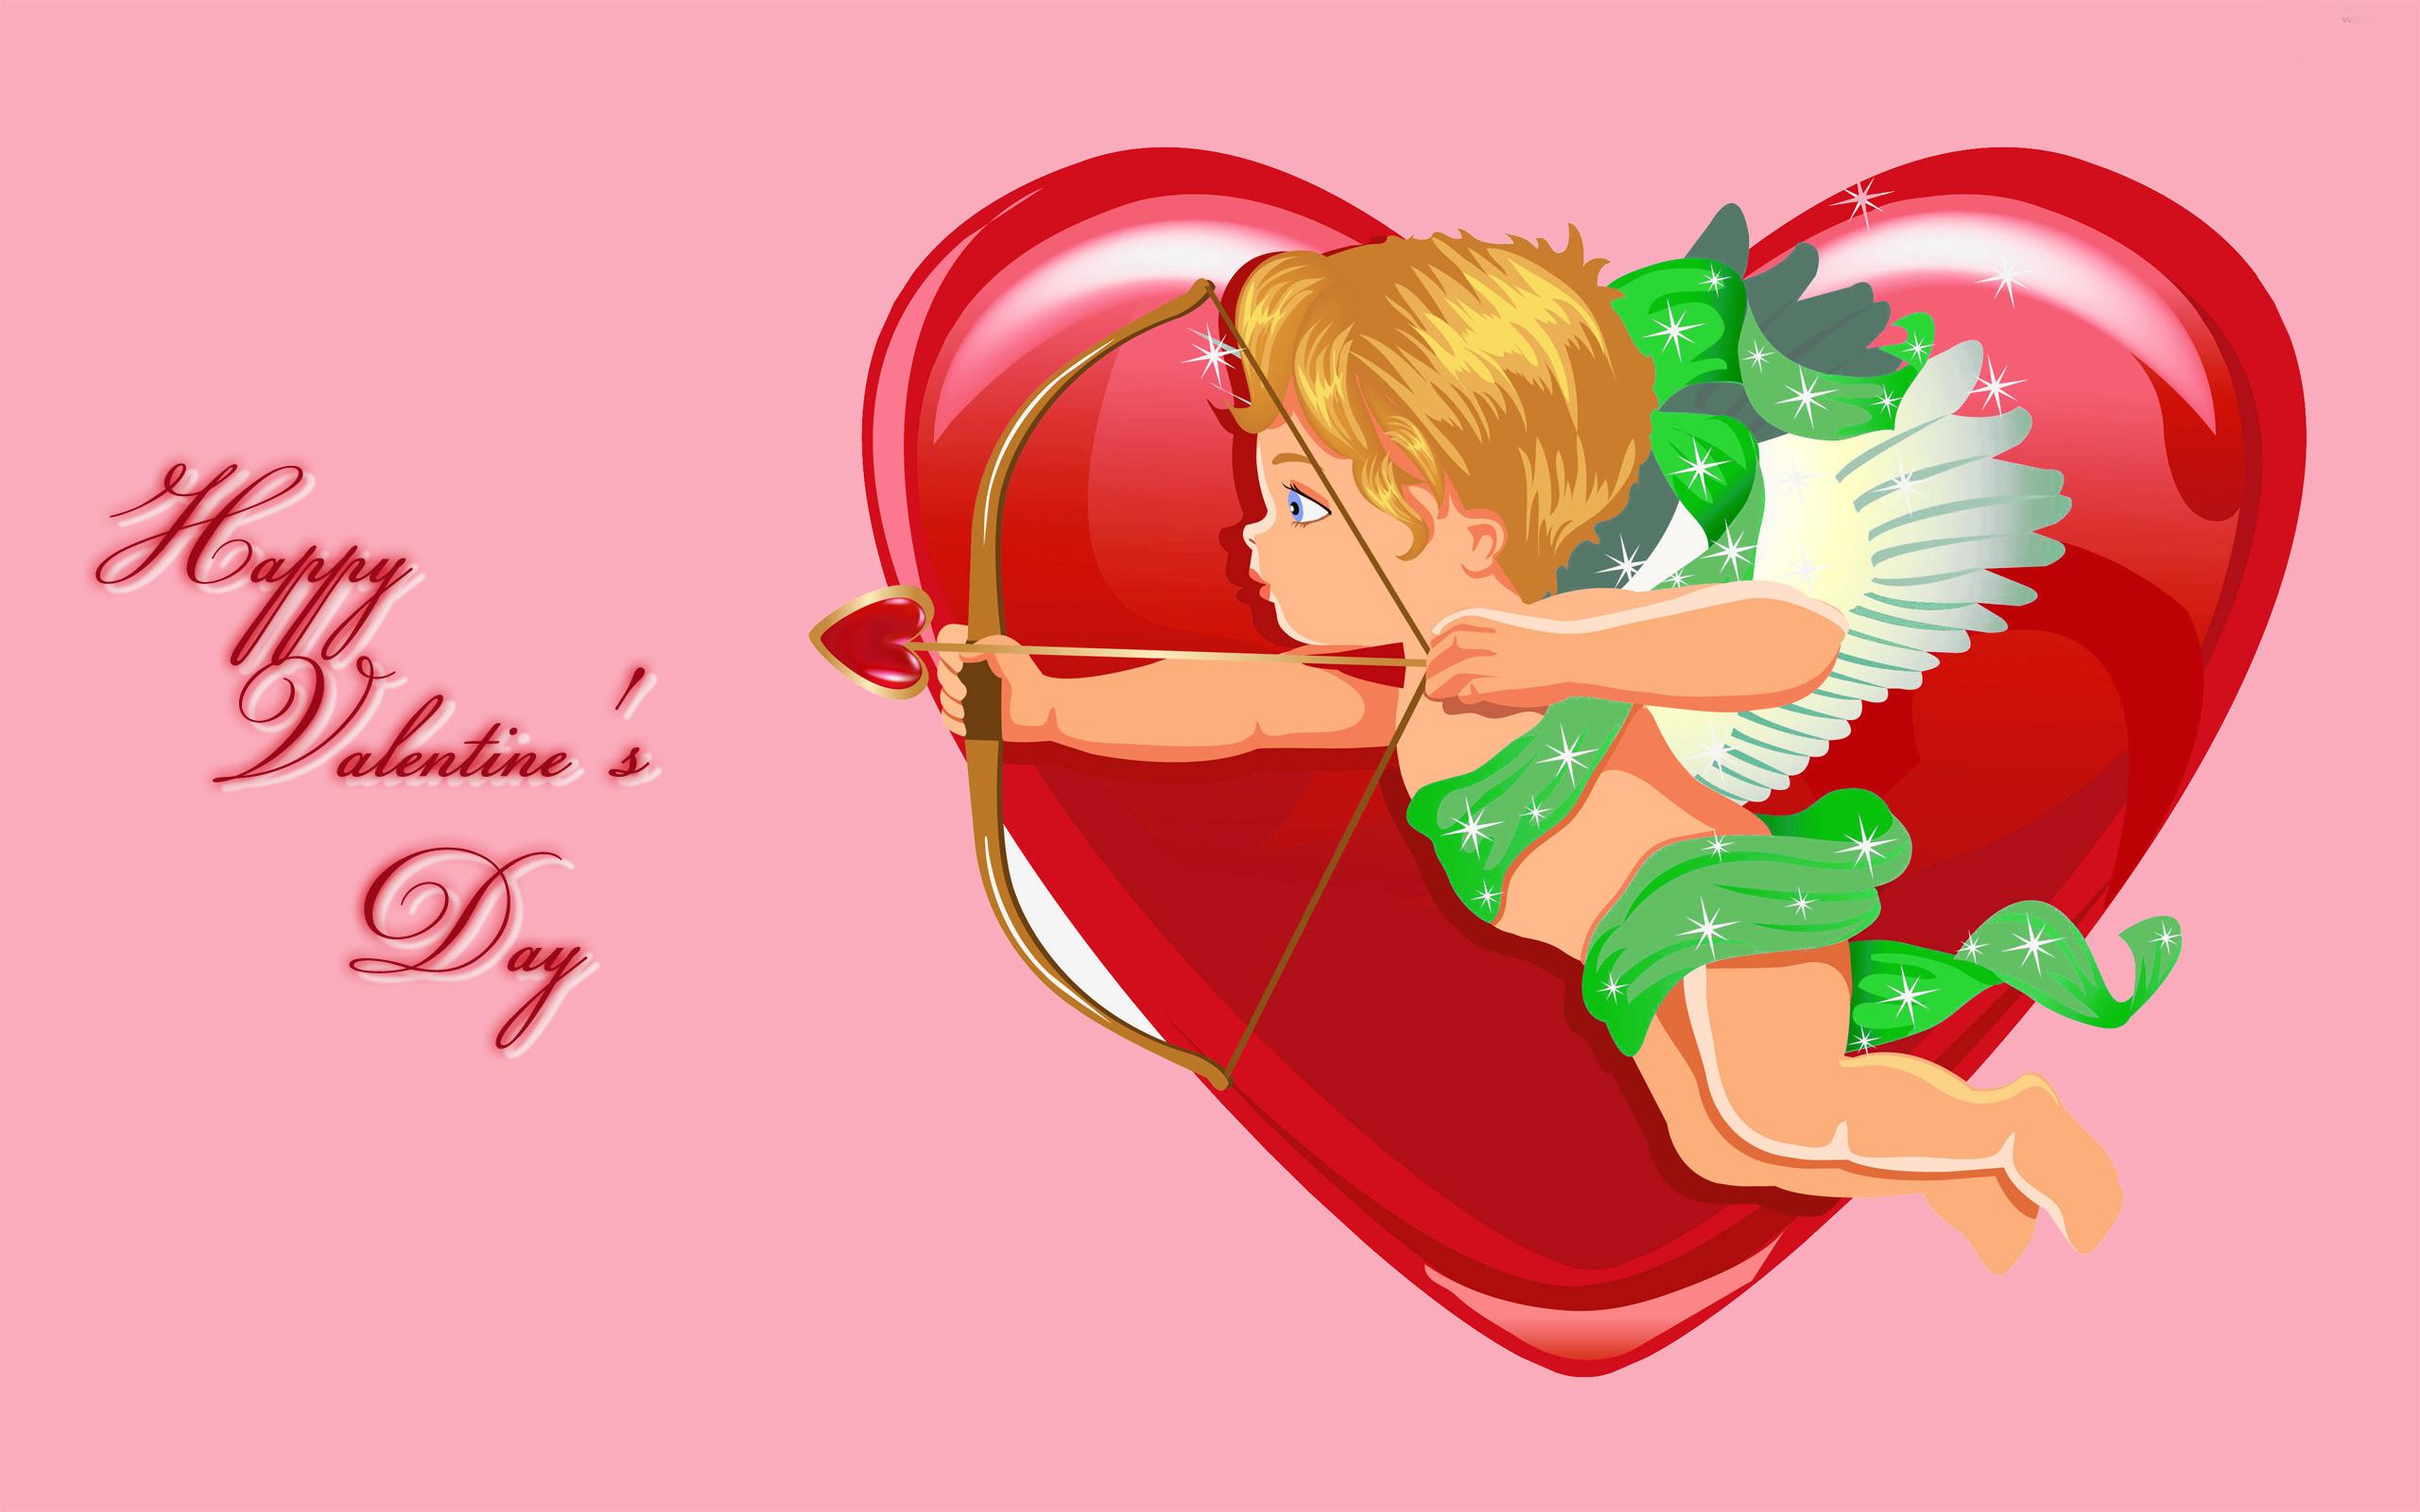 Хорошего дня, день святого валентина видео картинки